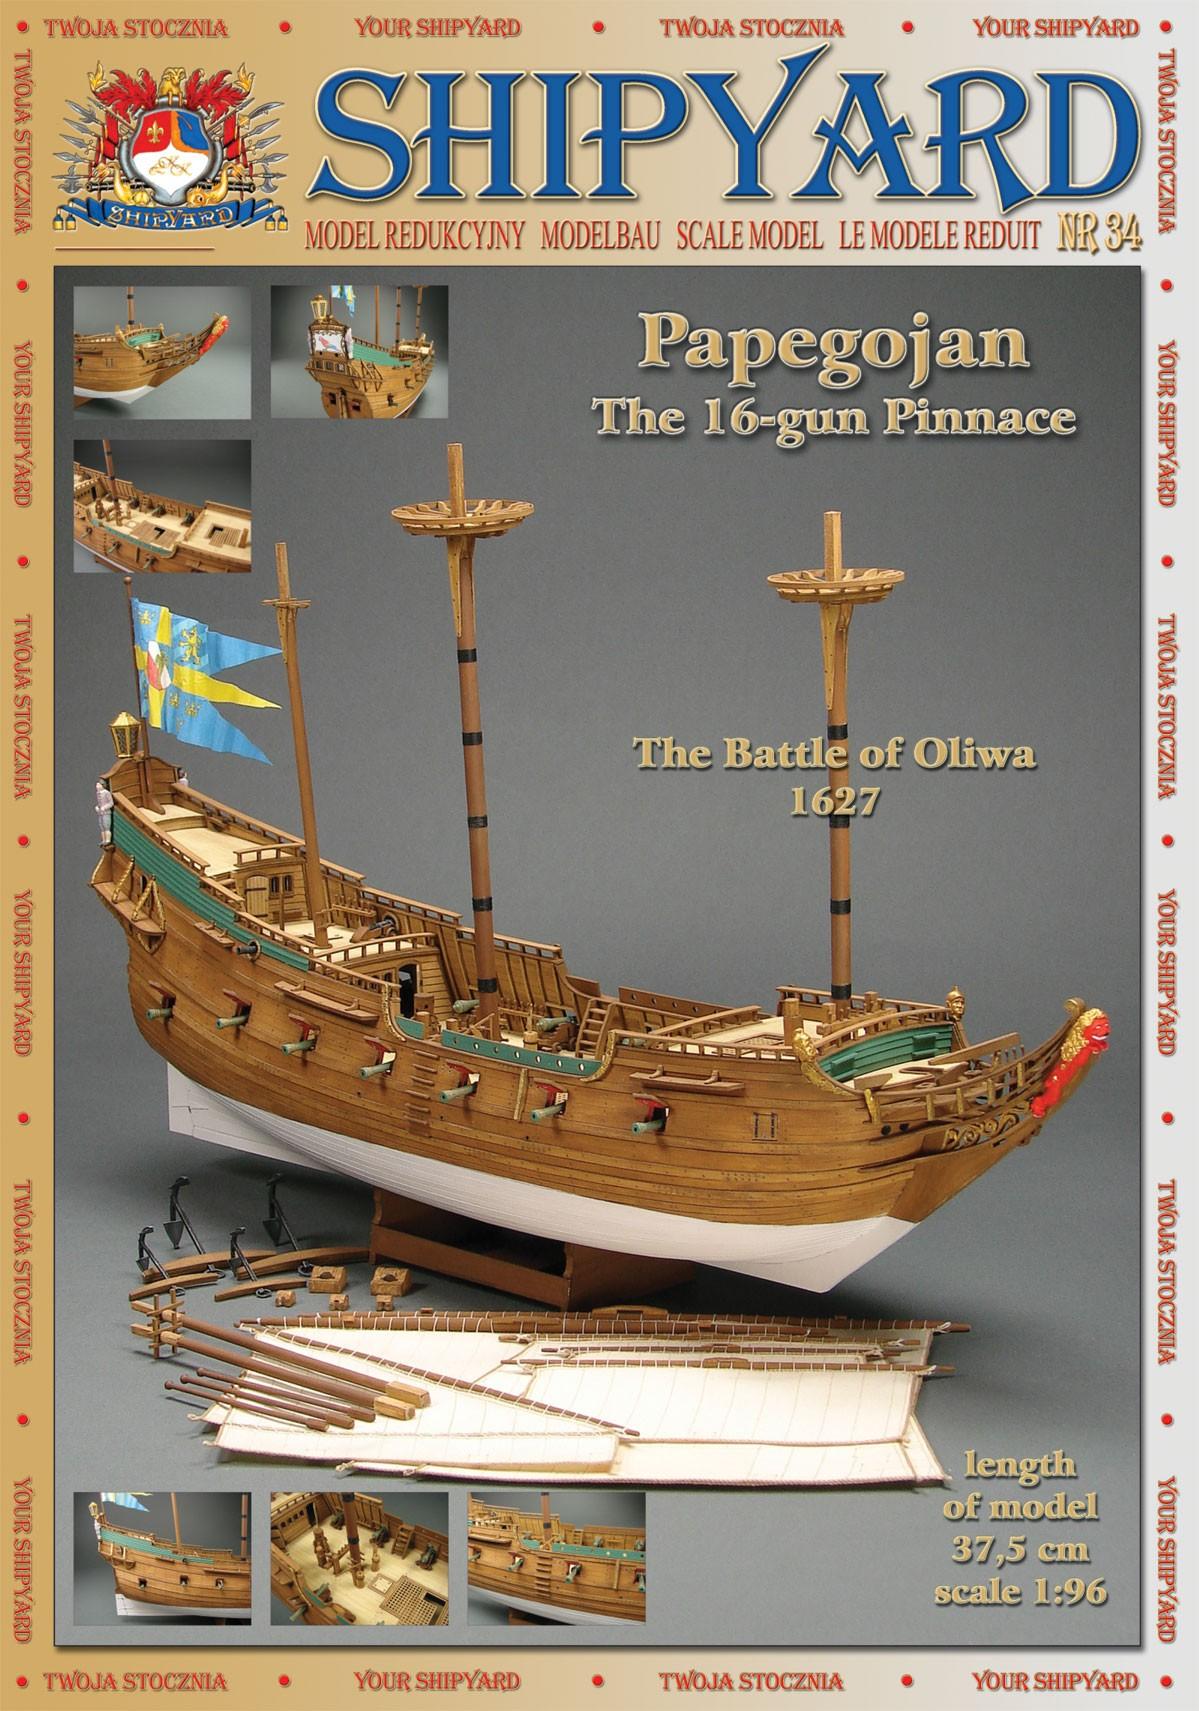 Modell-Zubehörsatz Segel für Papegojan 1:96 Shipyard